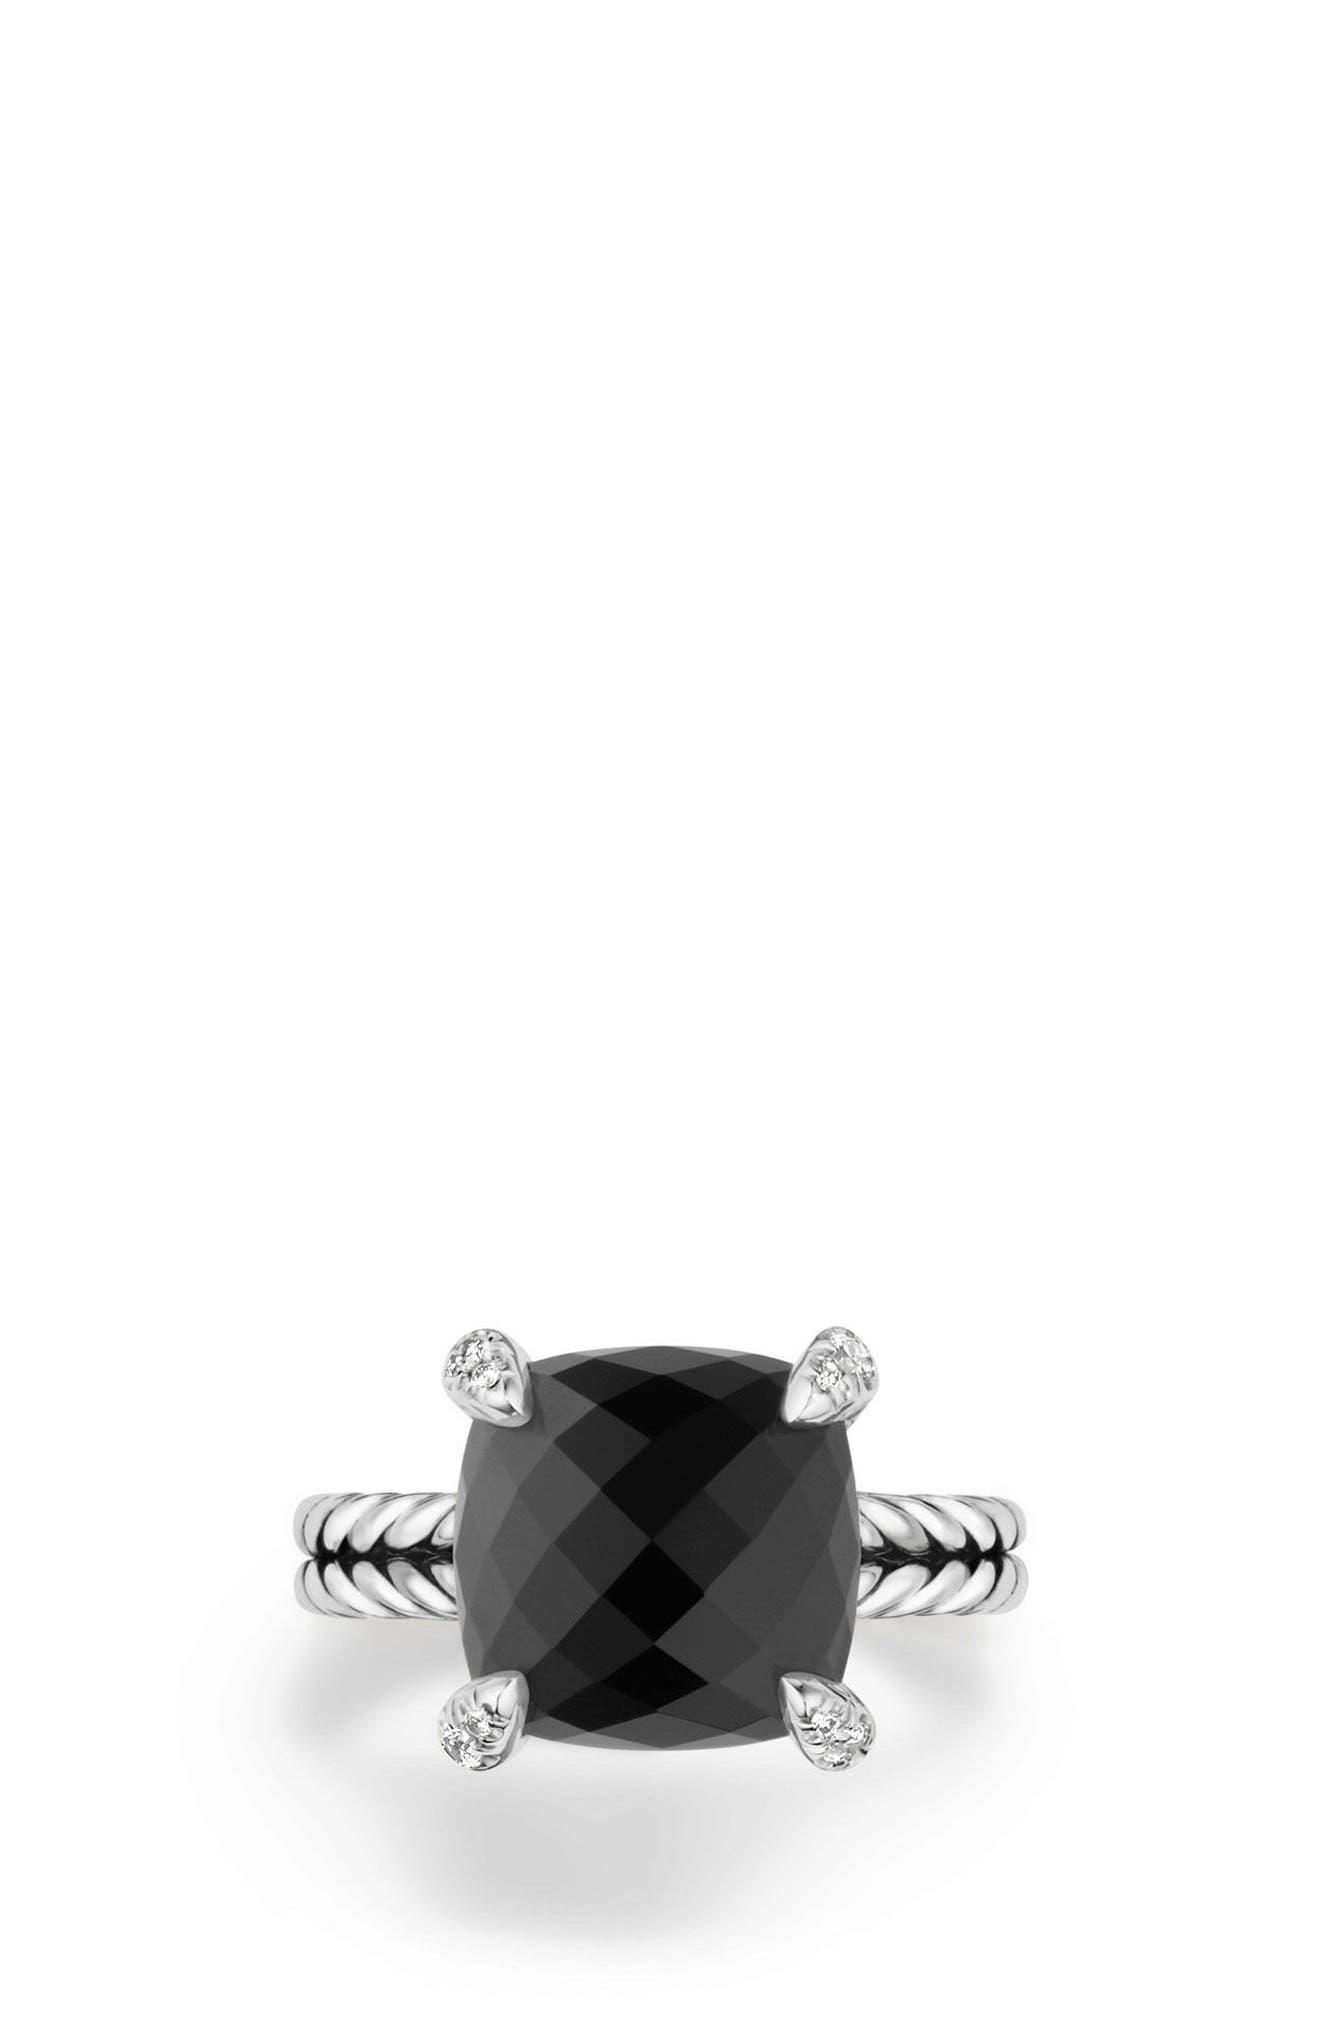 David Yurman Châtelaine Ring with Semiprecious Stone & Diamonds